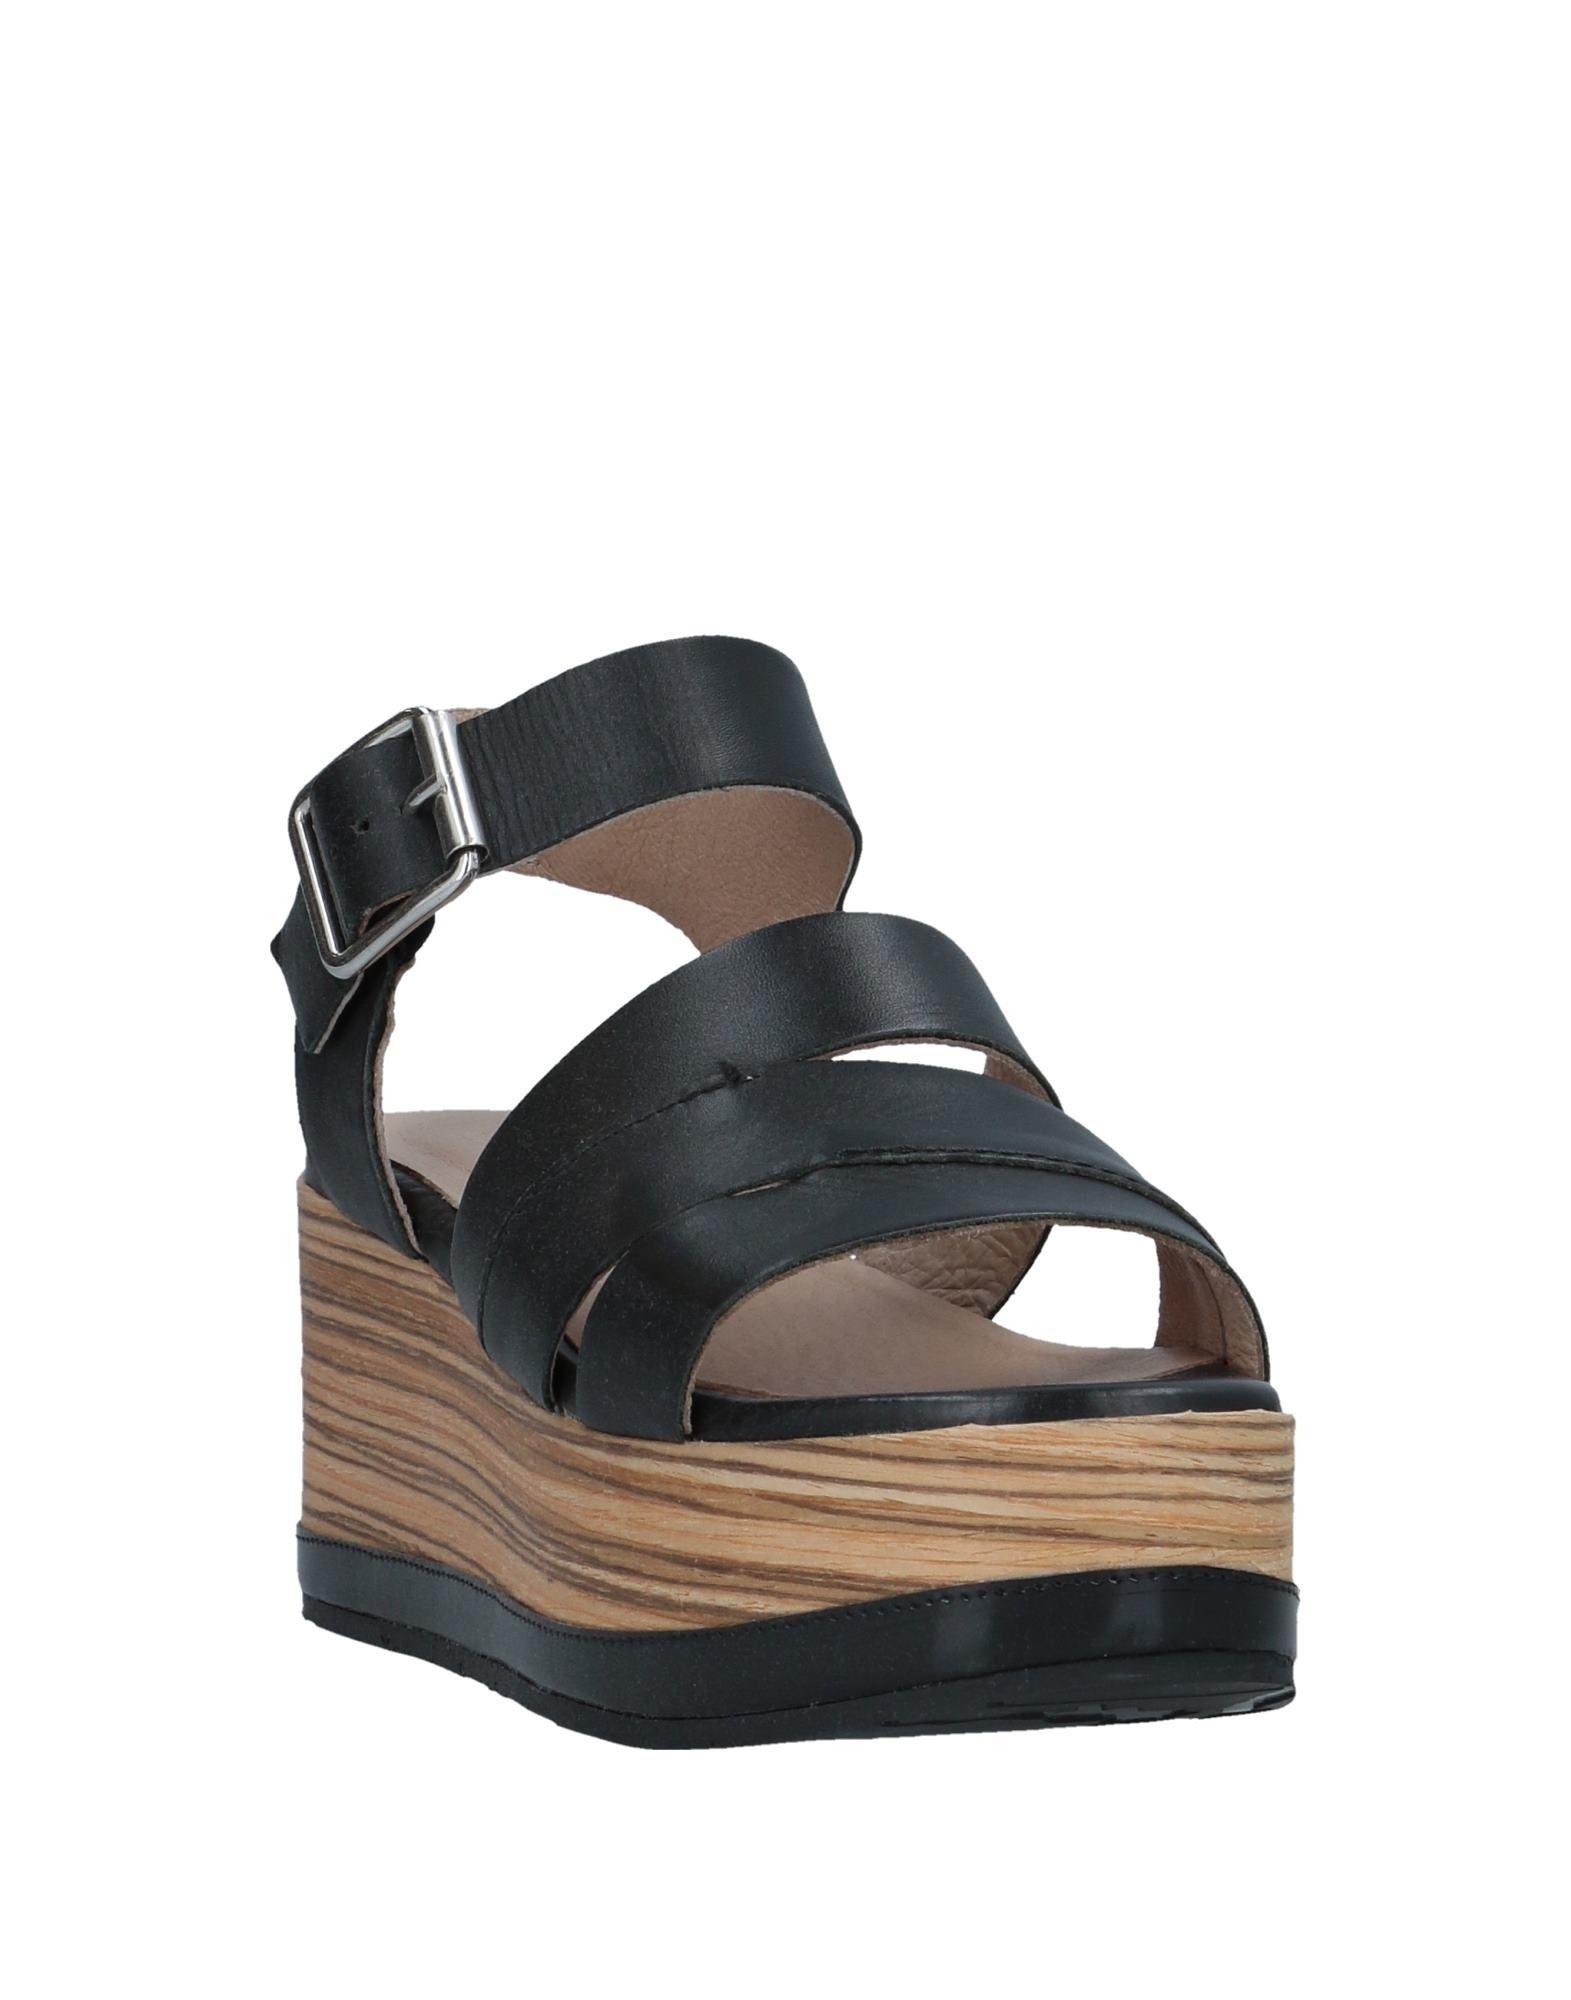 Carmens Sandalen Damen Schuhe 11508519PK Gute Qualität beliebte Schuhe Damen b1f045